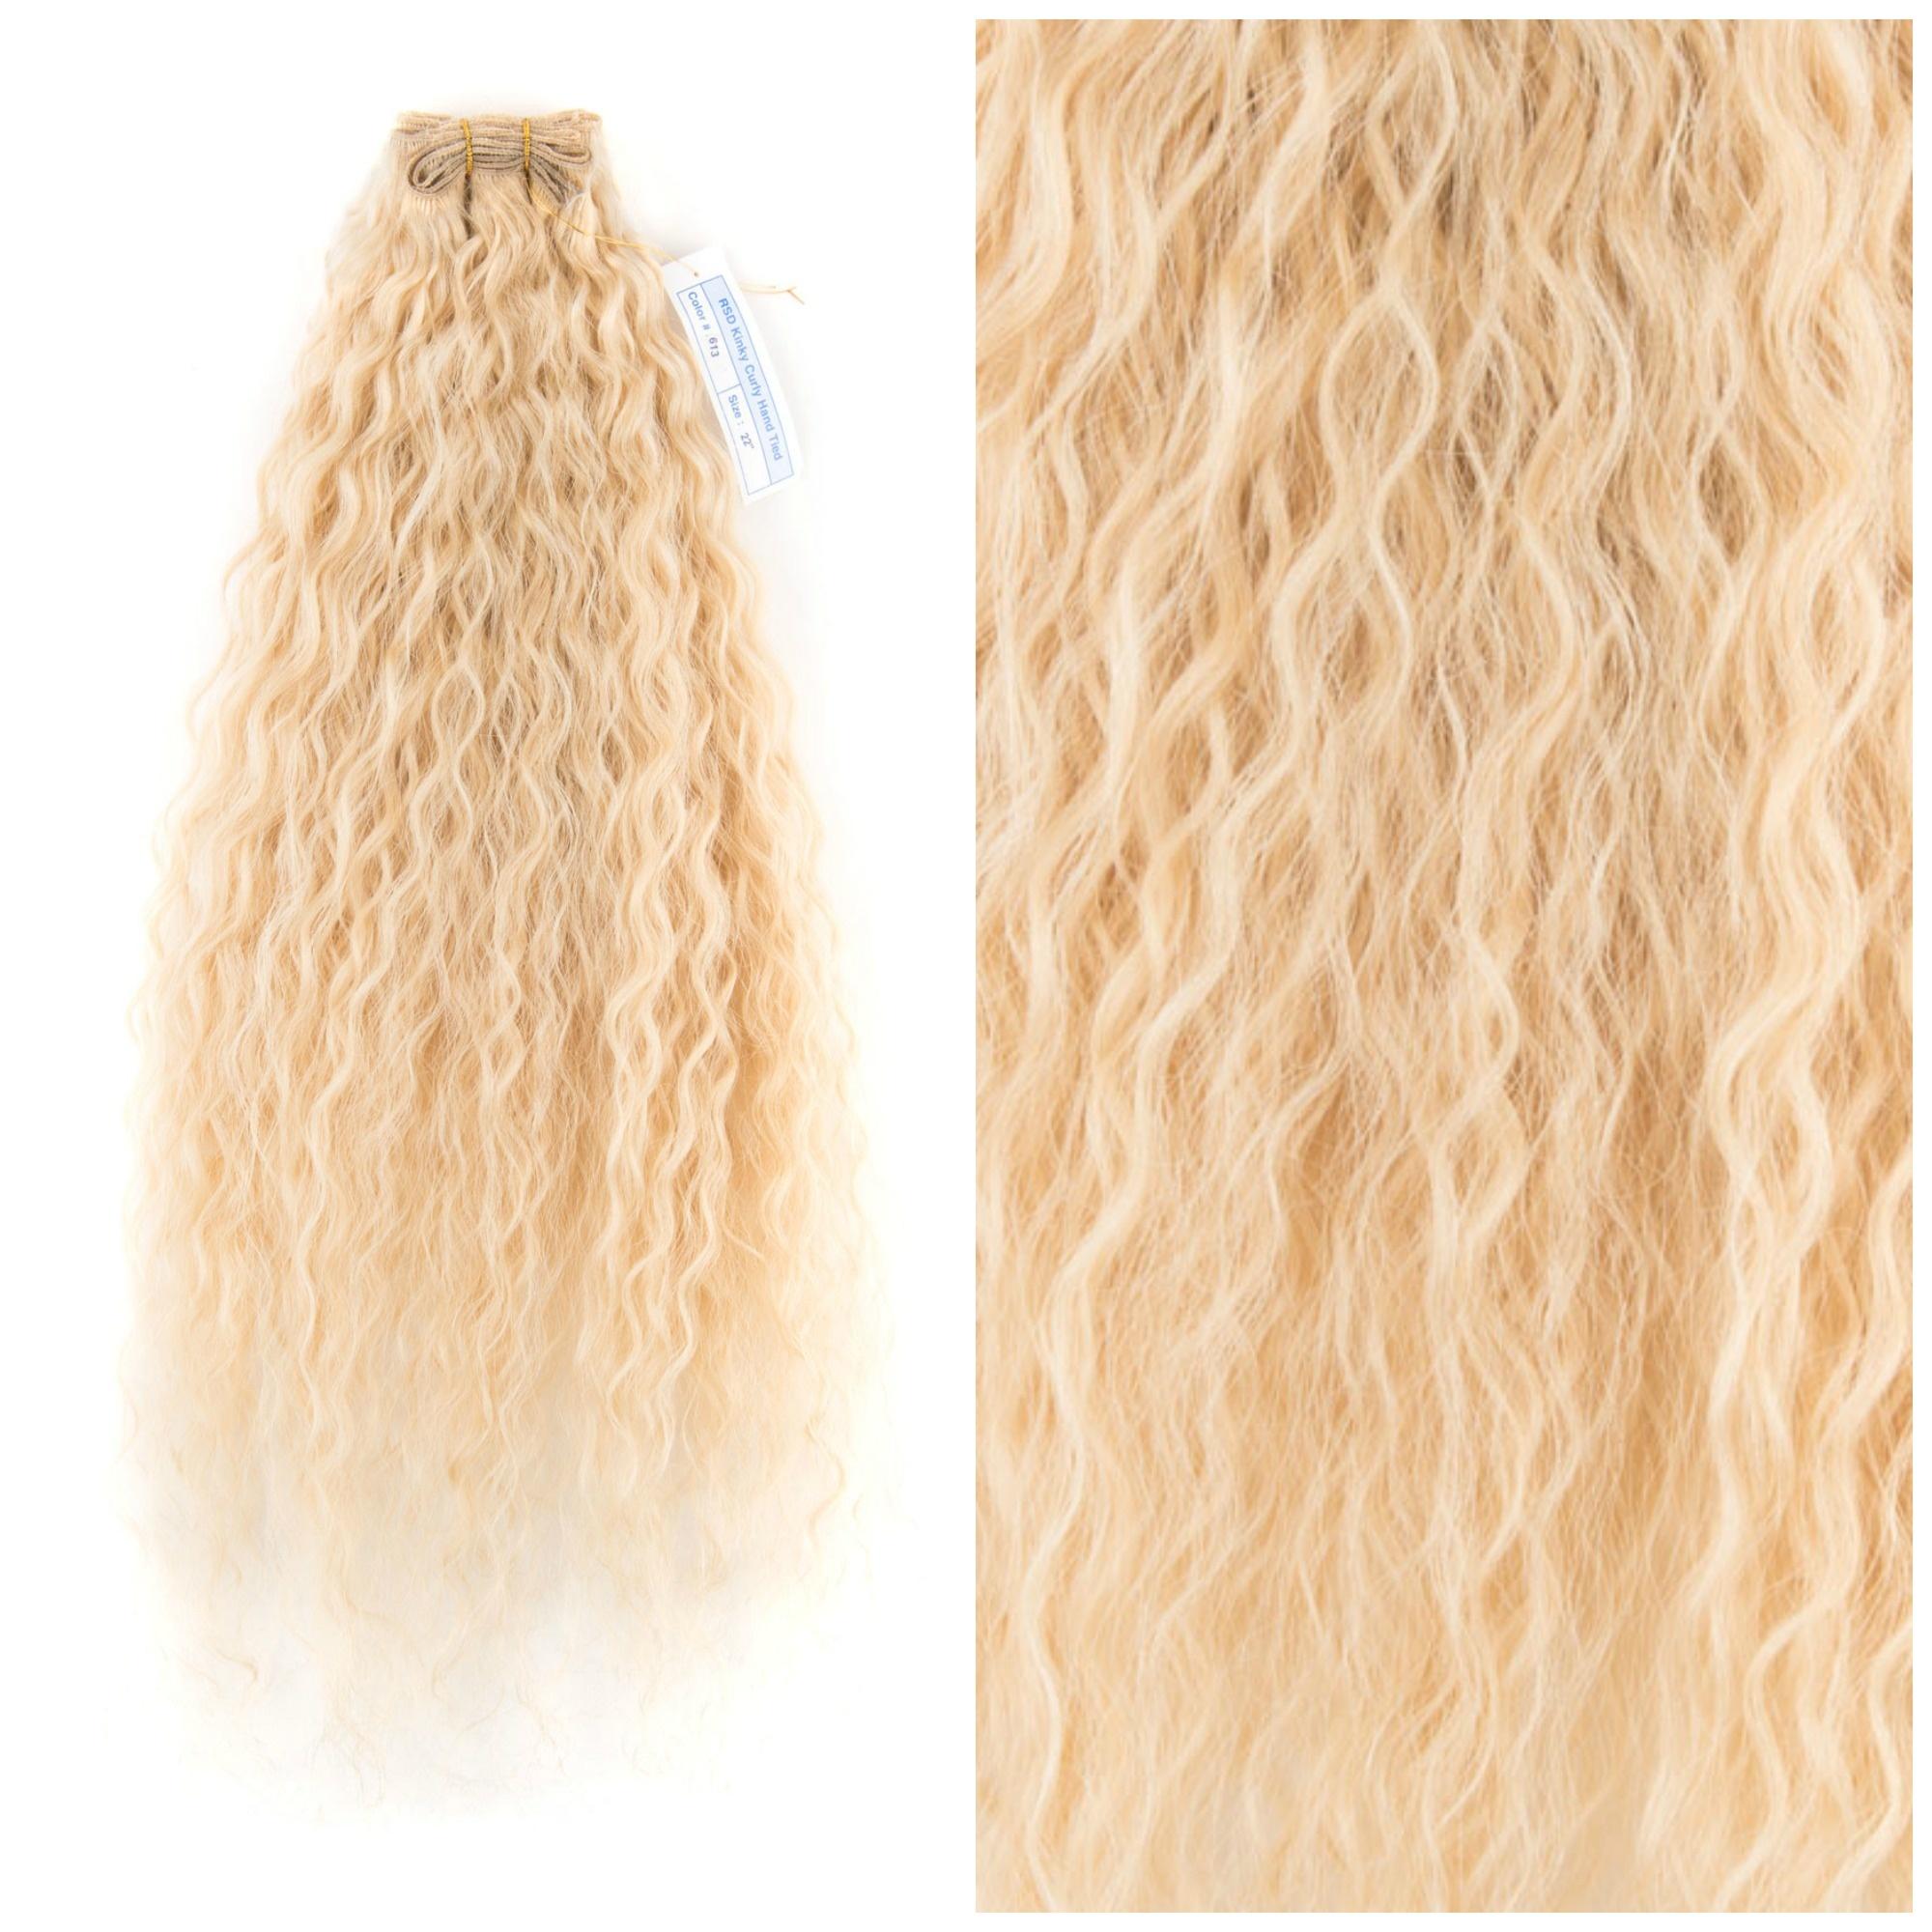 SilverFox Brazilian Kinky Curly - Blond